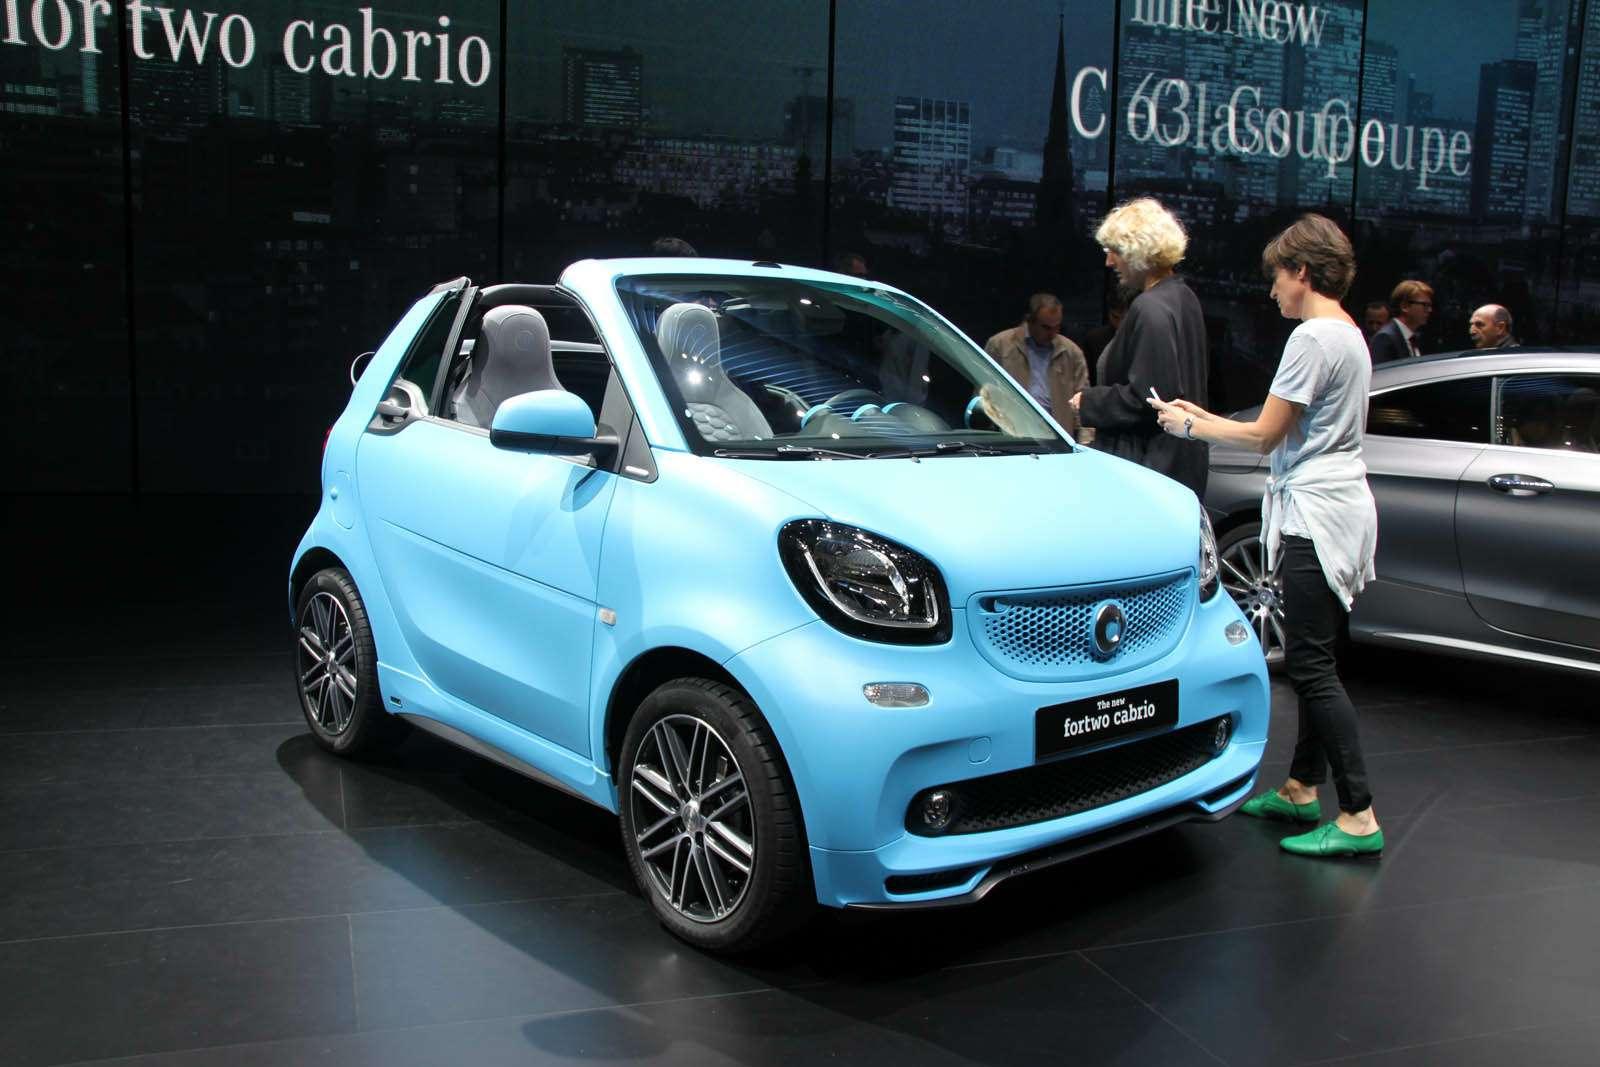 Smart four two cabrio2